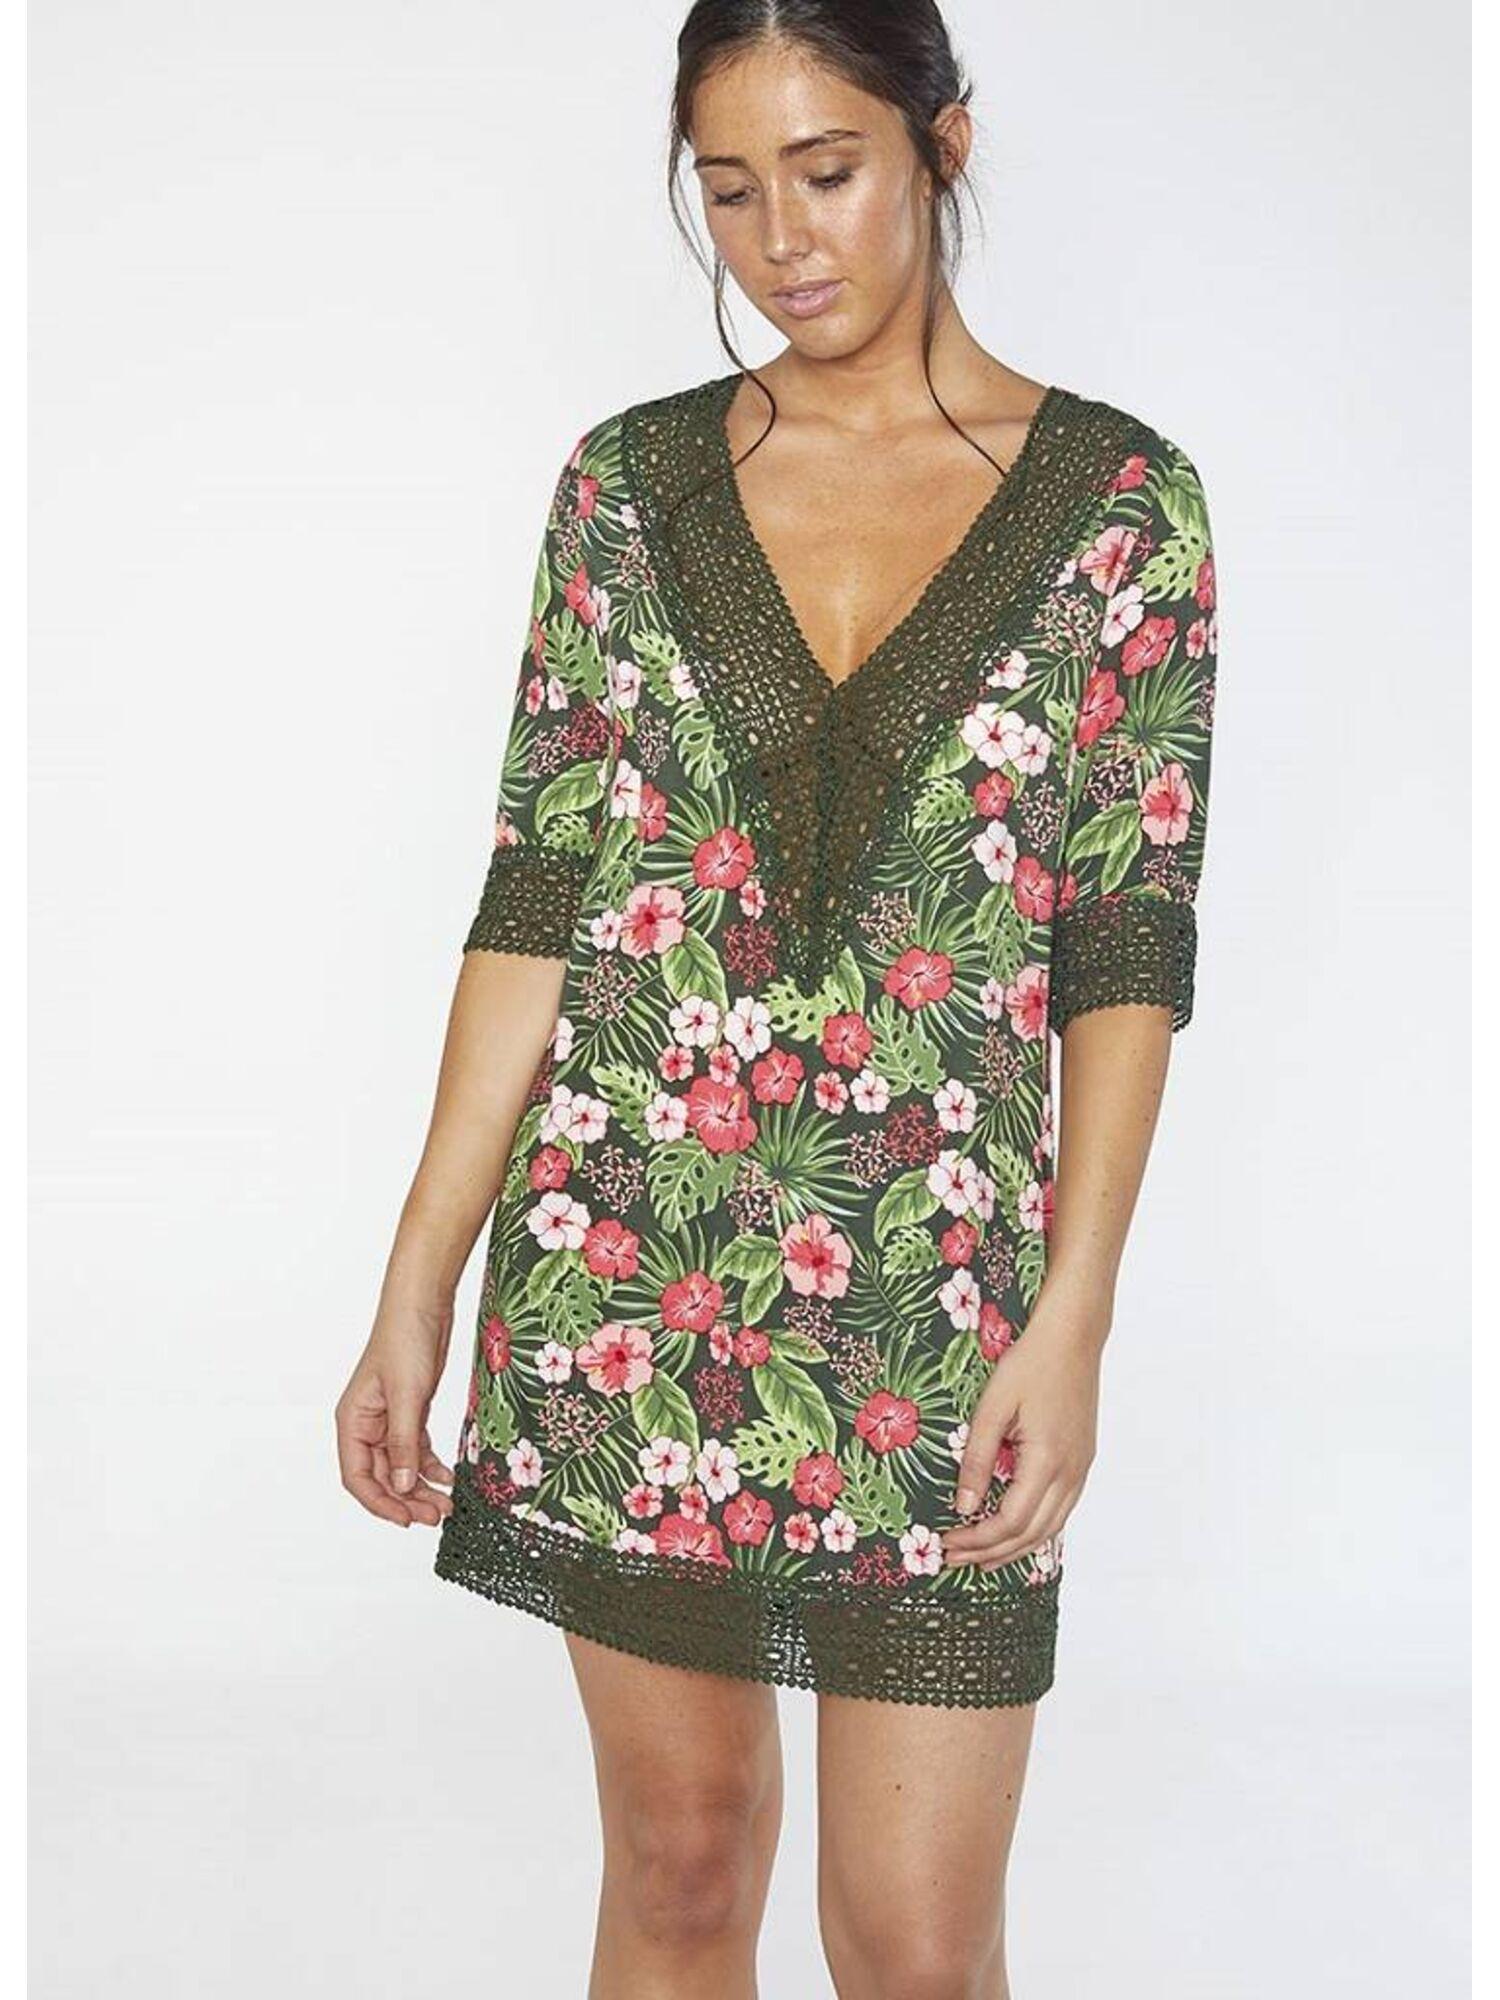 Женское платье пляжное из вискозы 85682 мульти, Ysabel Mora (Испания)